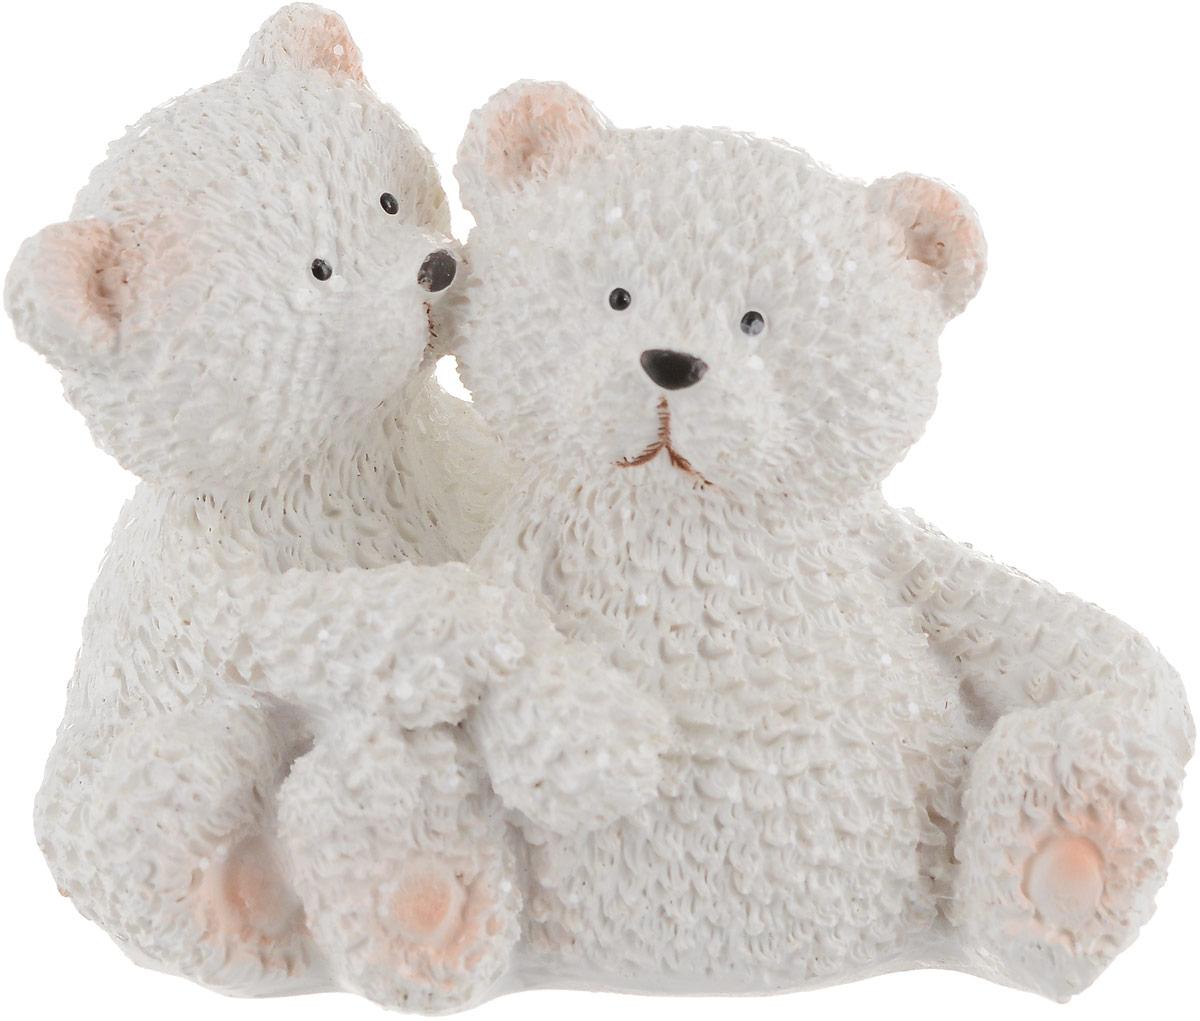 Фигурка декоративная Magic Time Зимние мишки75672Декоративная фигурка Magic Time Зимние мишки станет прекрасным дополнением к интерьеру. Изделие, изготовленное из полирезины, выполнено в виде двух медвежат. Вы можете поставить фигурку в любом месте, где она будет удачно смотреться и радовать глаз.Такая фигуркастанет отличным подарком для близких и друзей. Размеры: 7,5 х 5,5 х 6 см